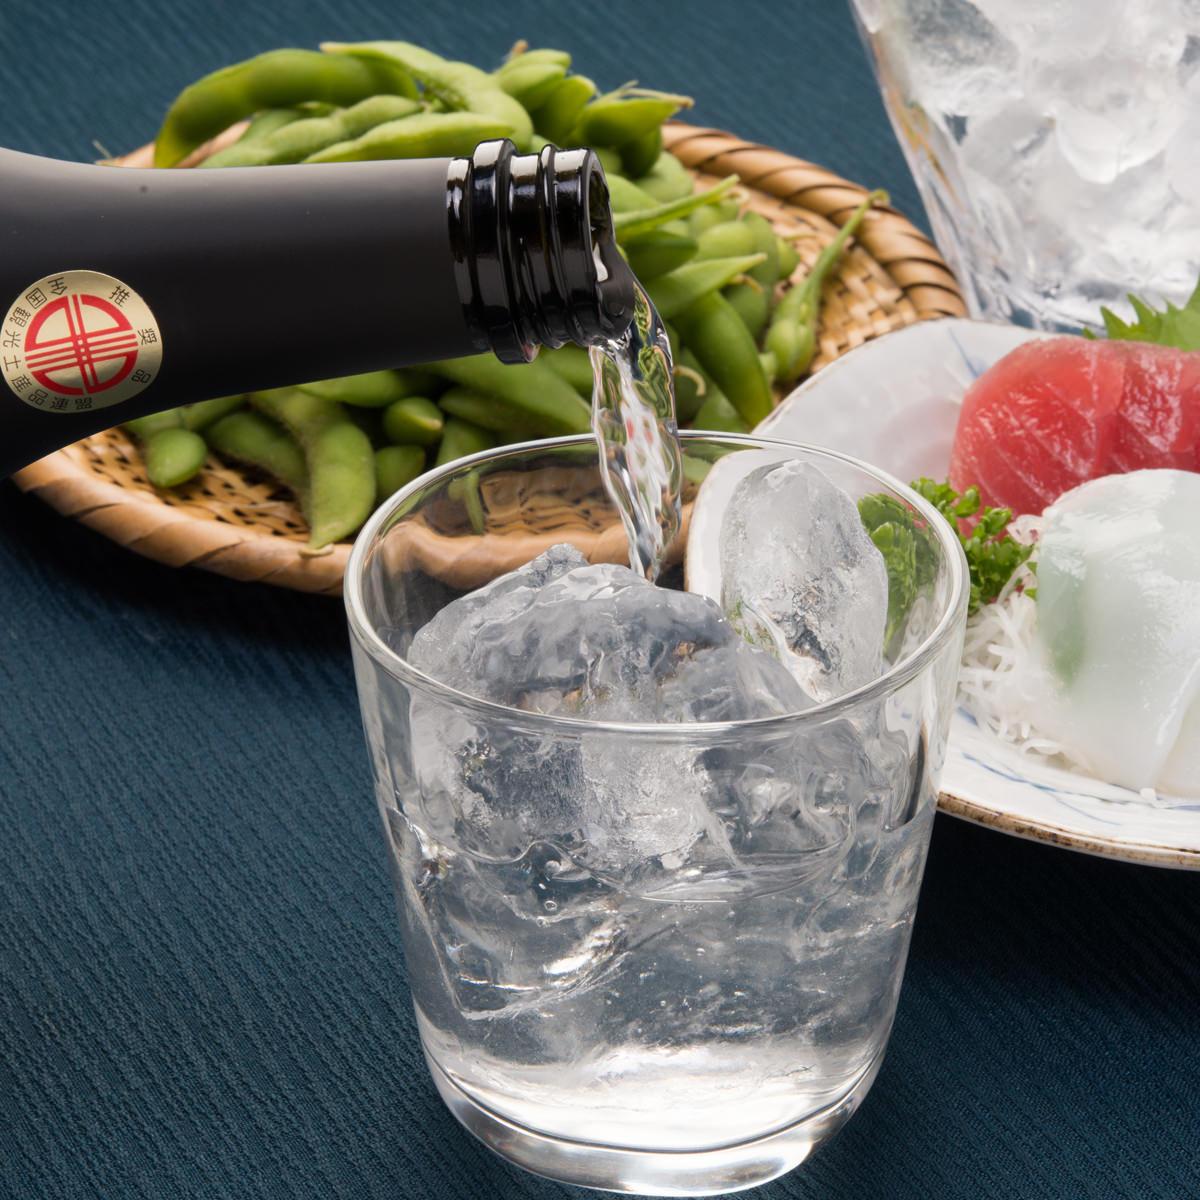 新納酒造 上品な香りと味わいを飲みくらべ 黒糖酒 水連洞 古酒 秘蔵酒 2本セット〔720ml×2〕